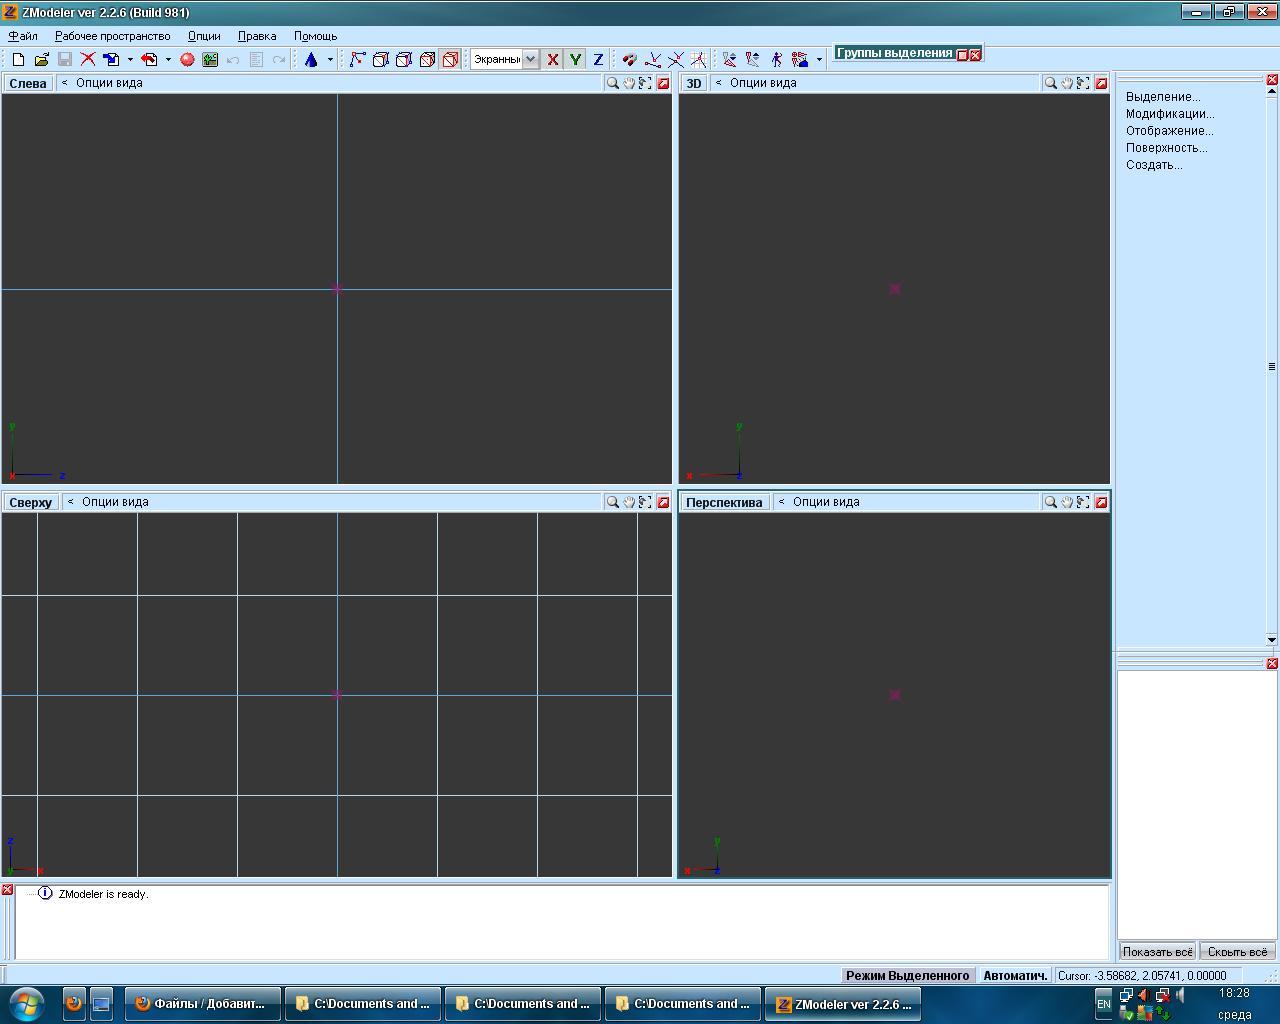 Скачать Zmodeler 2.2.6 на русском